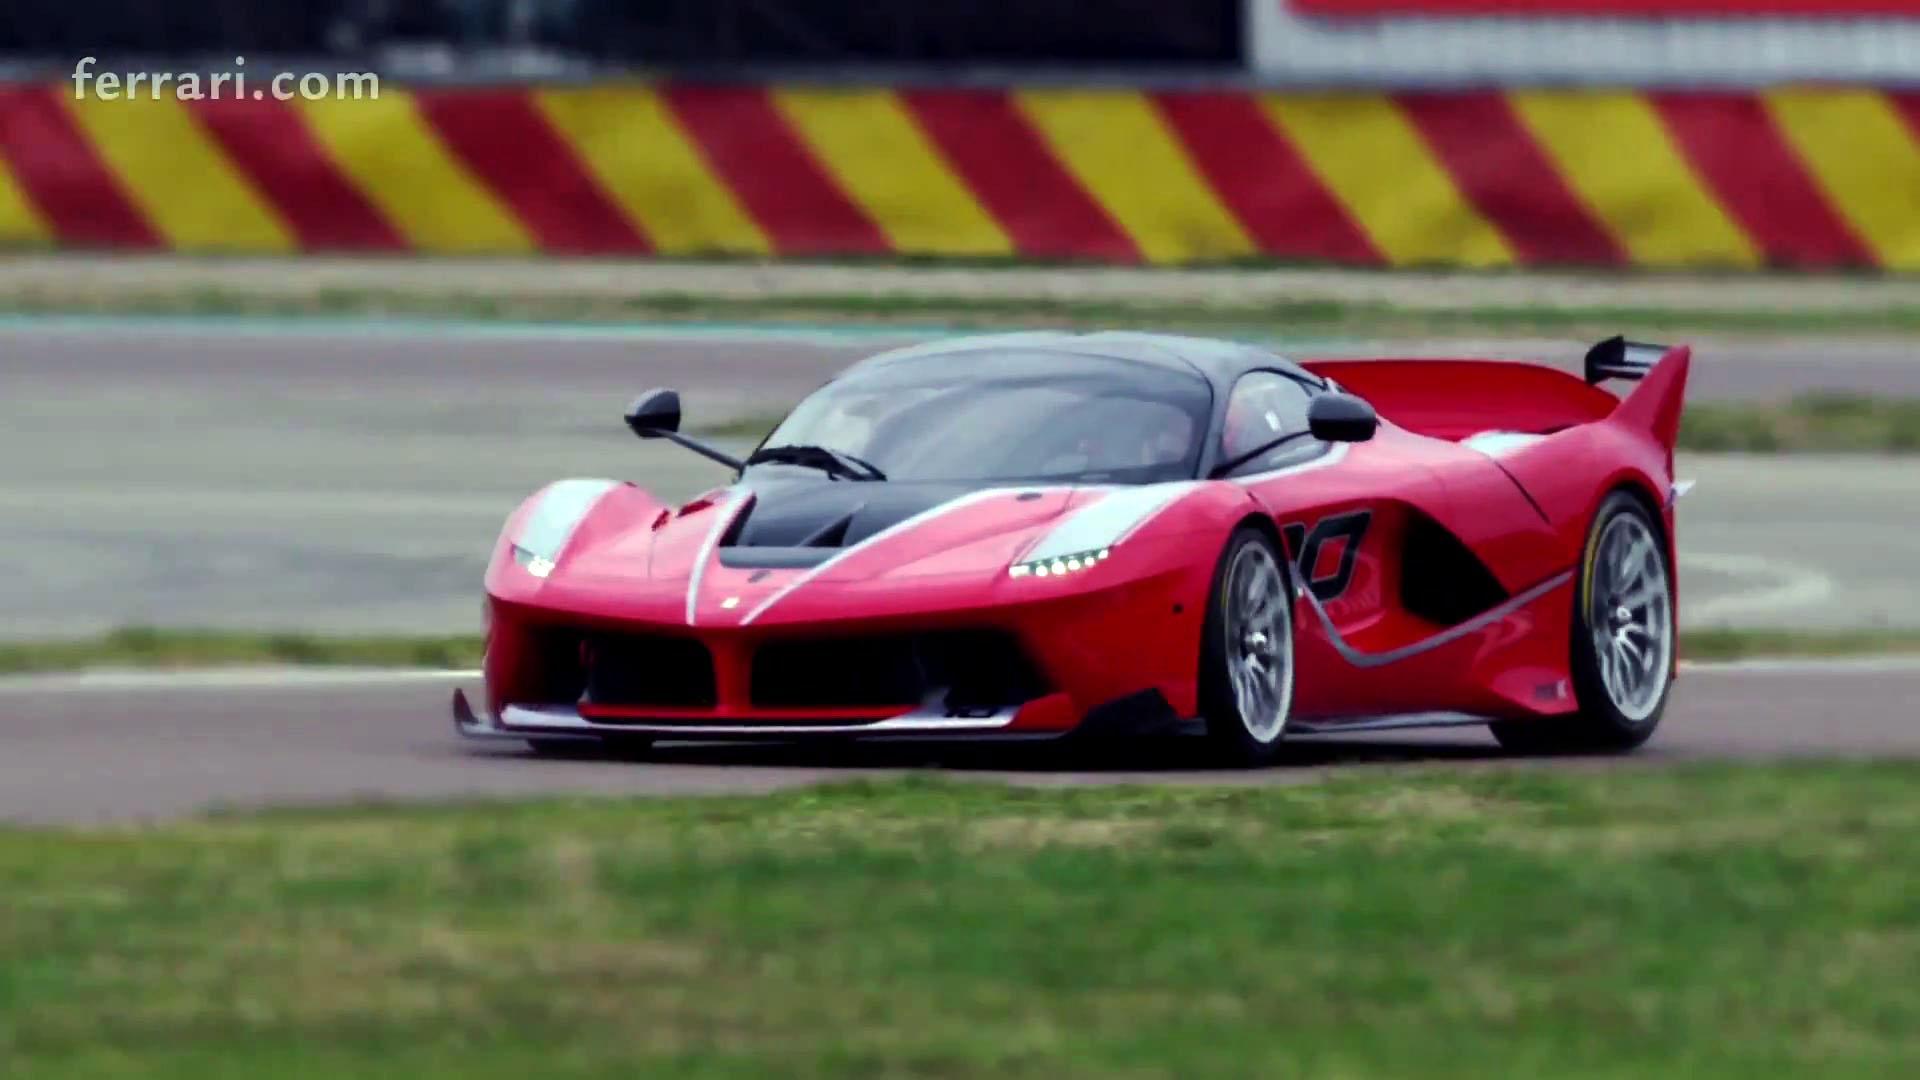 Vettel in the Ferrari FXX K 2272